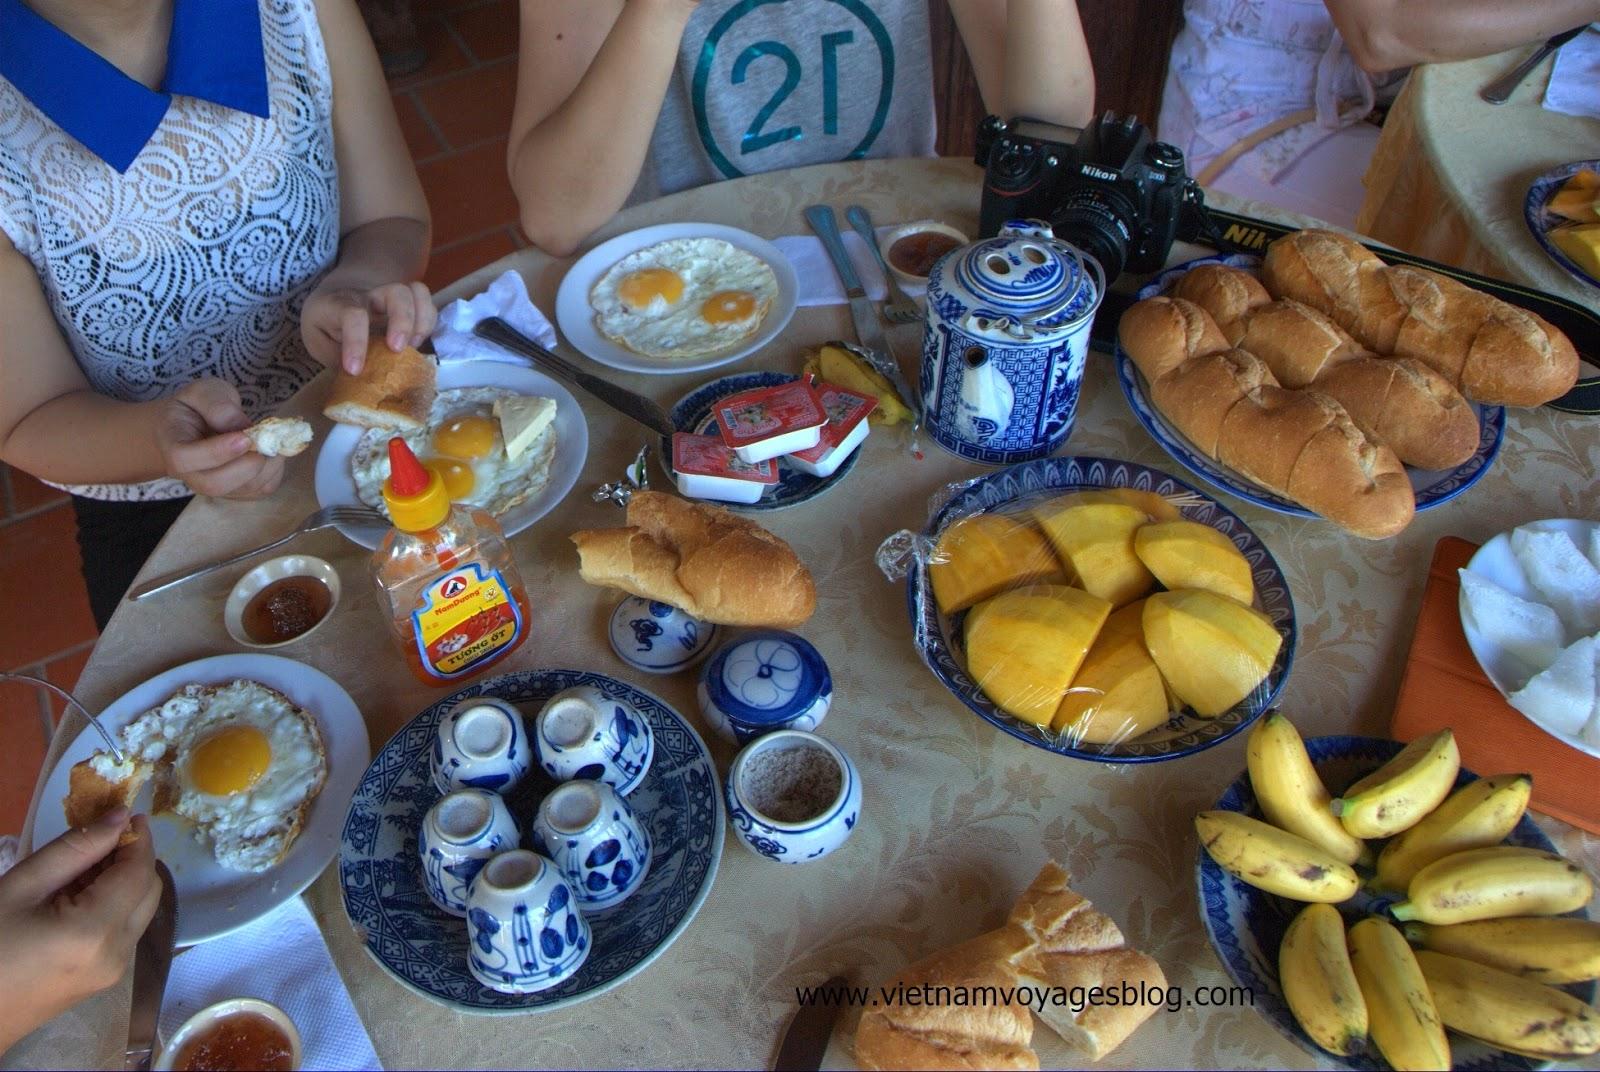 Bữa sáng đơn giản nhưng giàu dinh dưỡng